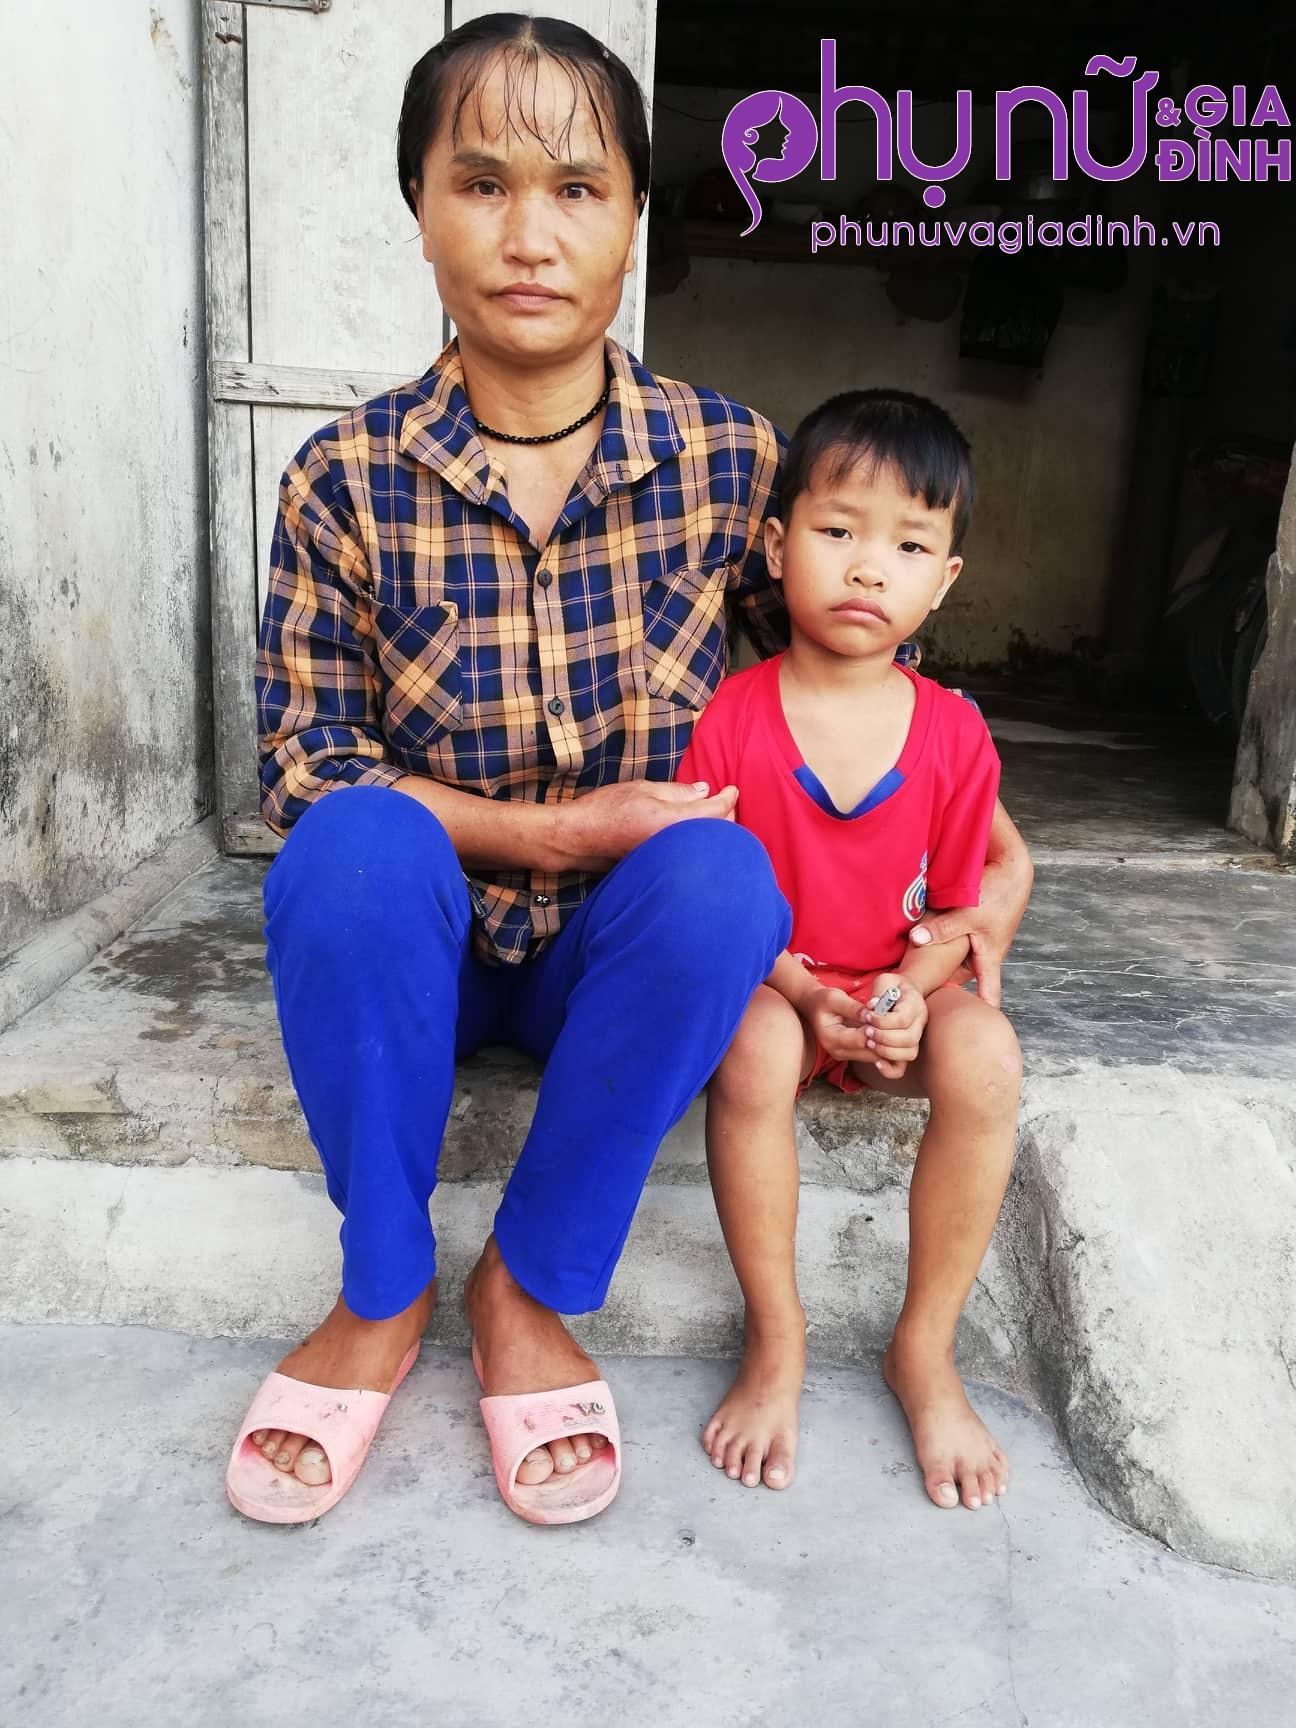 Không cha, mẹ bỏ đi biệt tích, bé gái 5 tuổi chưa được làm giấy khai sinh, chưa được đặt tên, tương lai mịt mù - Ảnh 2